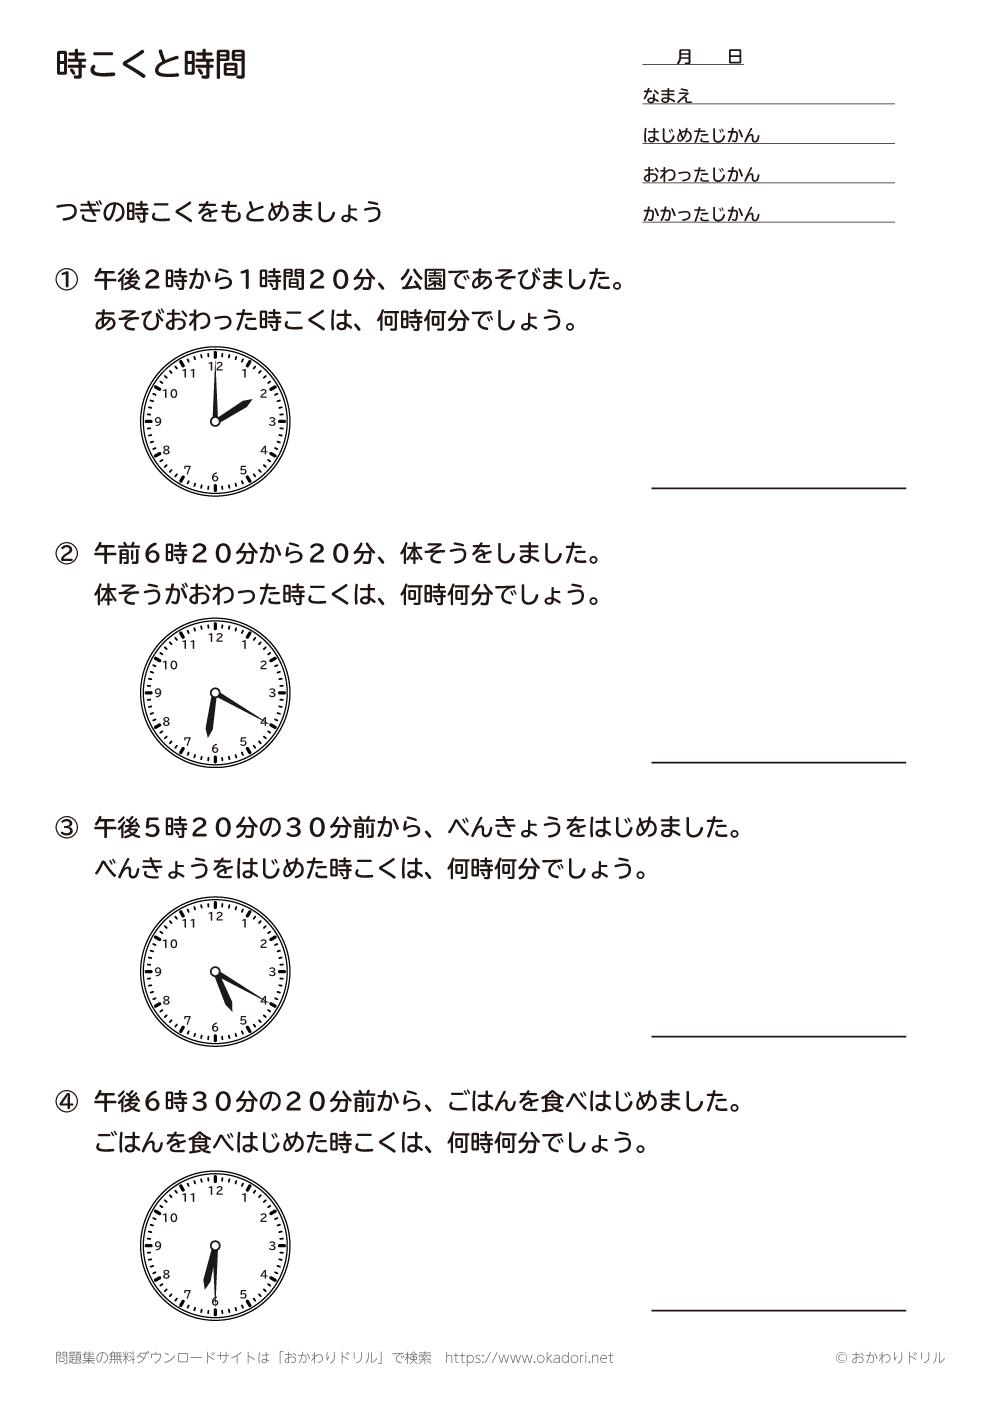 時刻と時間問題と答え6